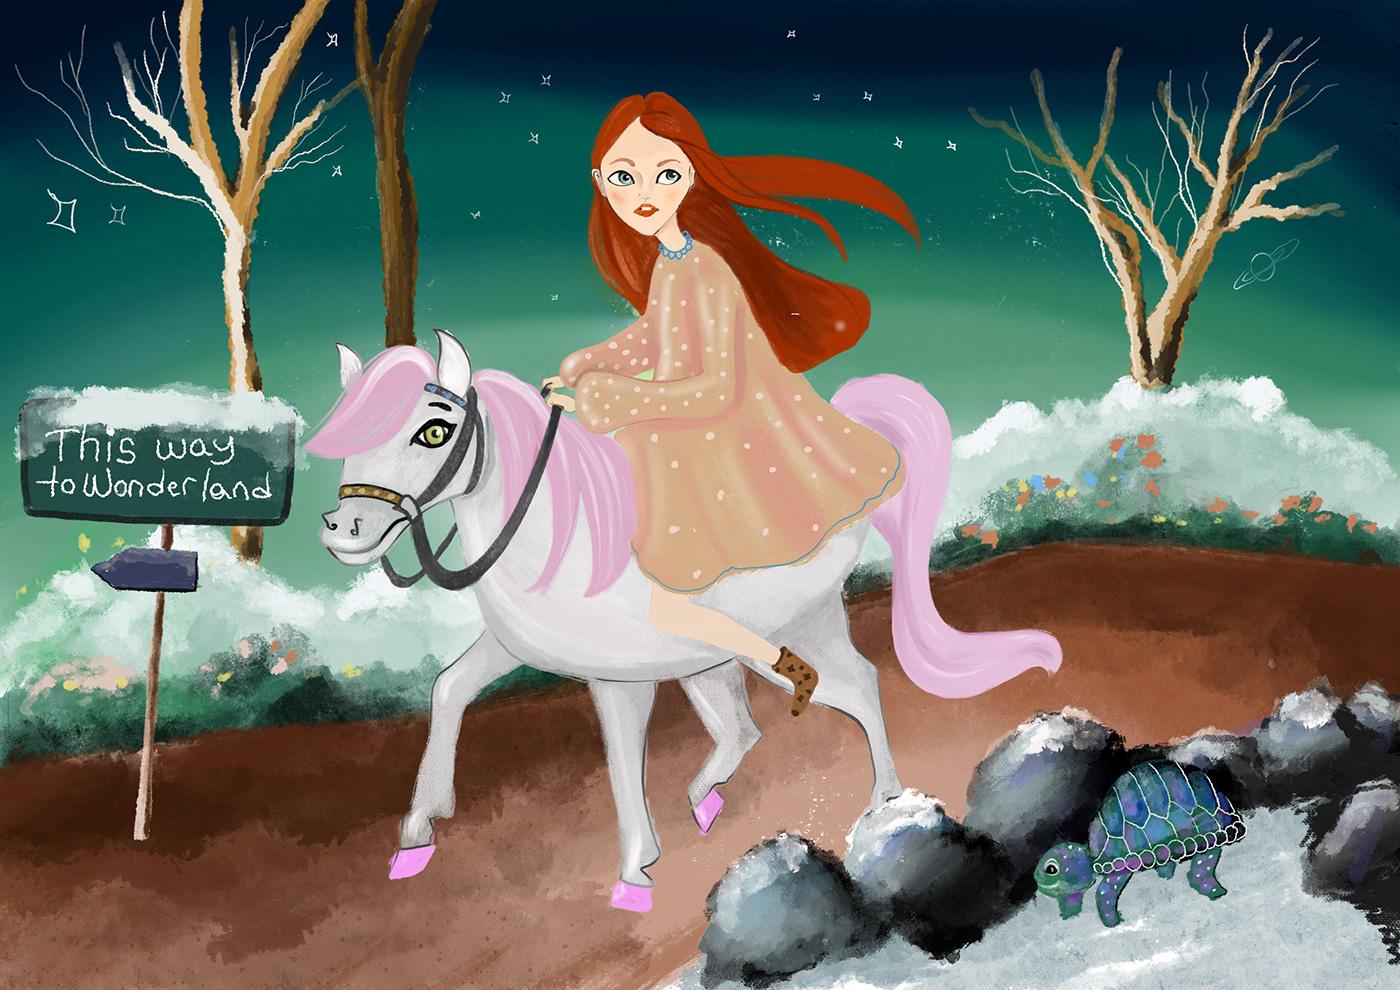 ILLUSTRATION  chıldrenbook chıldbook Procreate fairytale digitalillustratıon children bookdrawing story graphıcdesıgn